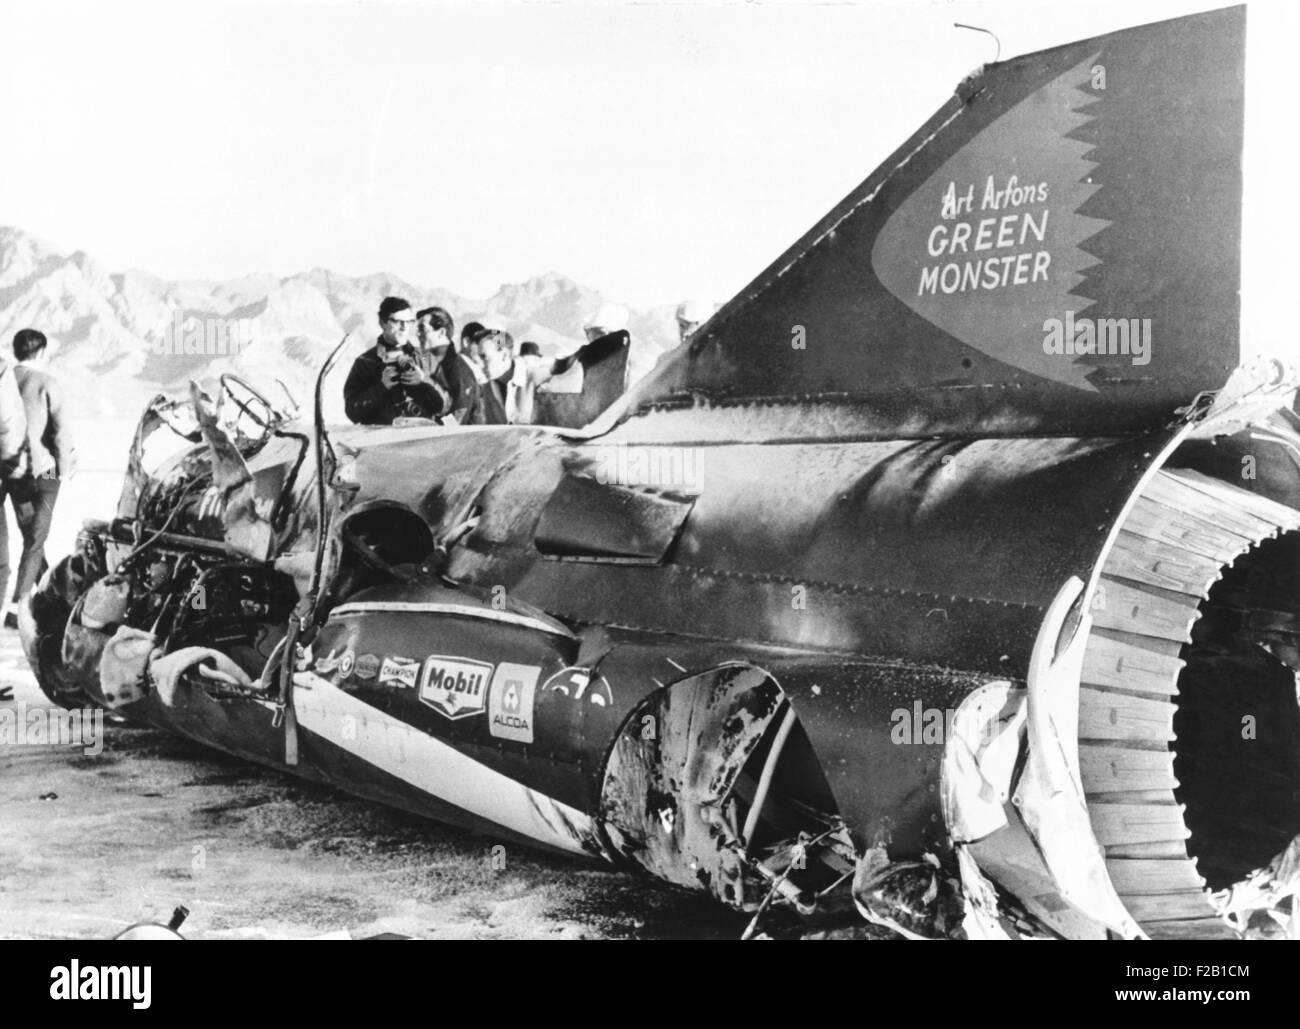 Wreckage of Art Arfons' jet racer, the 'Green Monster', on western Utah's salt flats, Nov. 19, 1966. - Stock Image